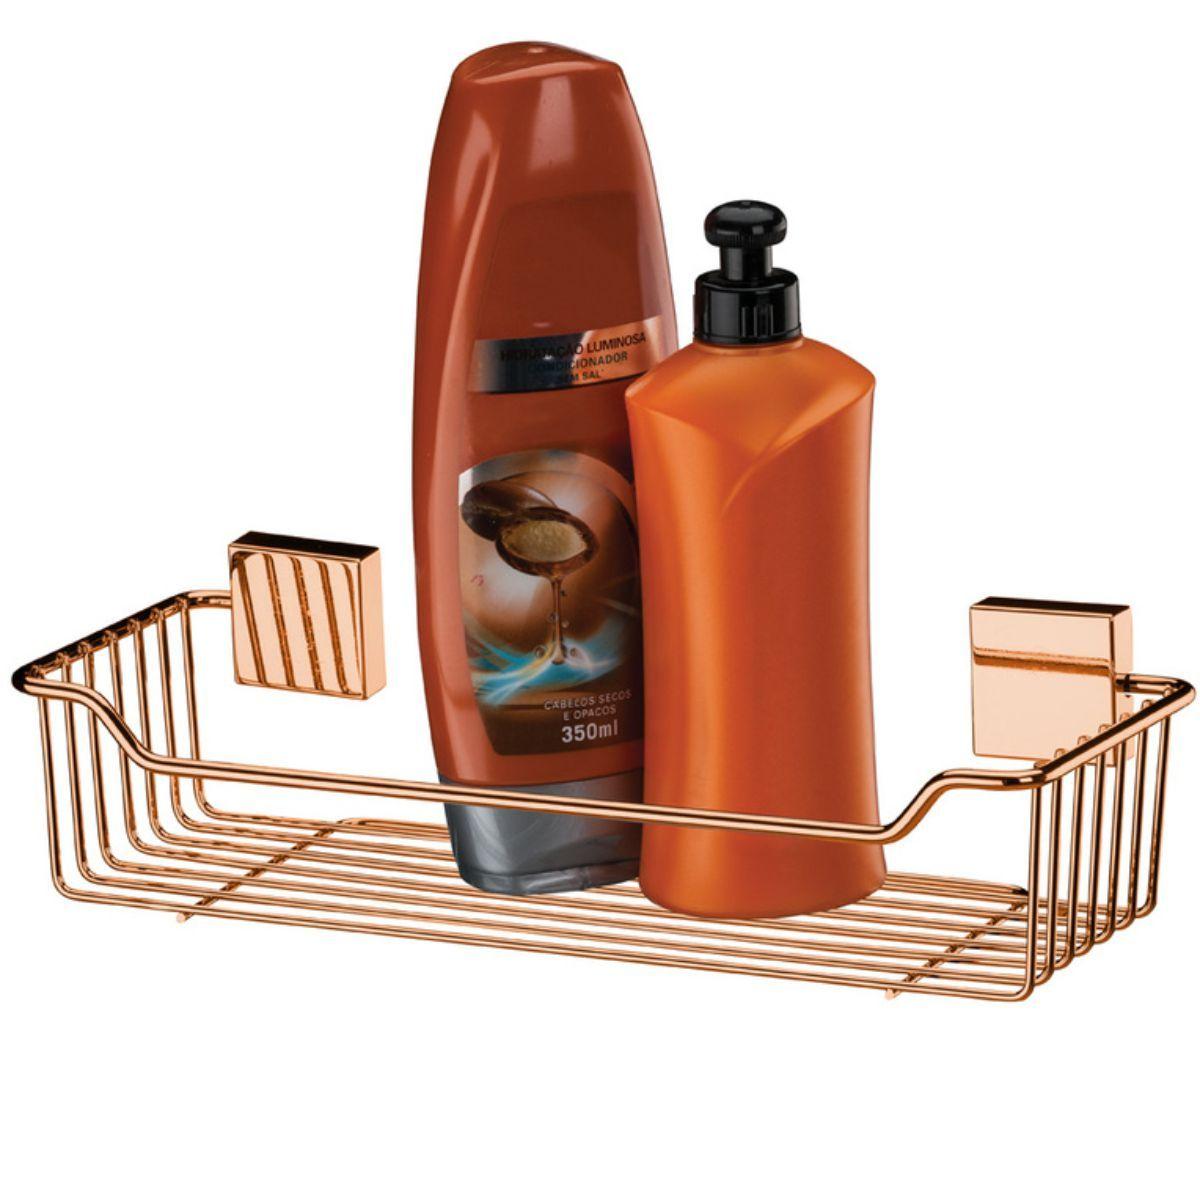 Suporte Para Shampoo e Condicionador Fixação Parafuso - Rosé Gold